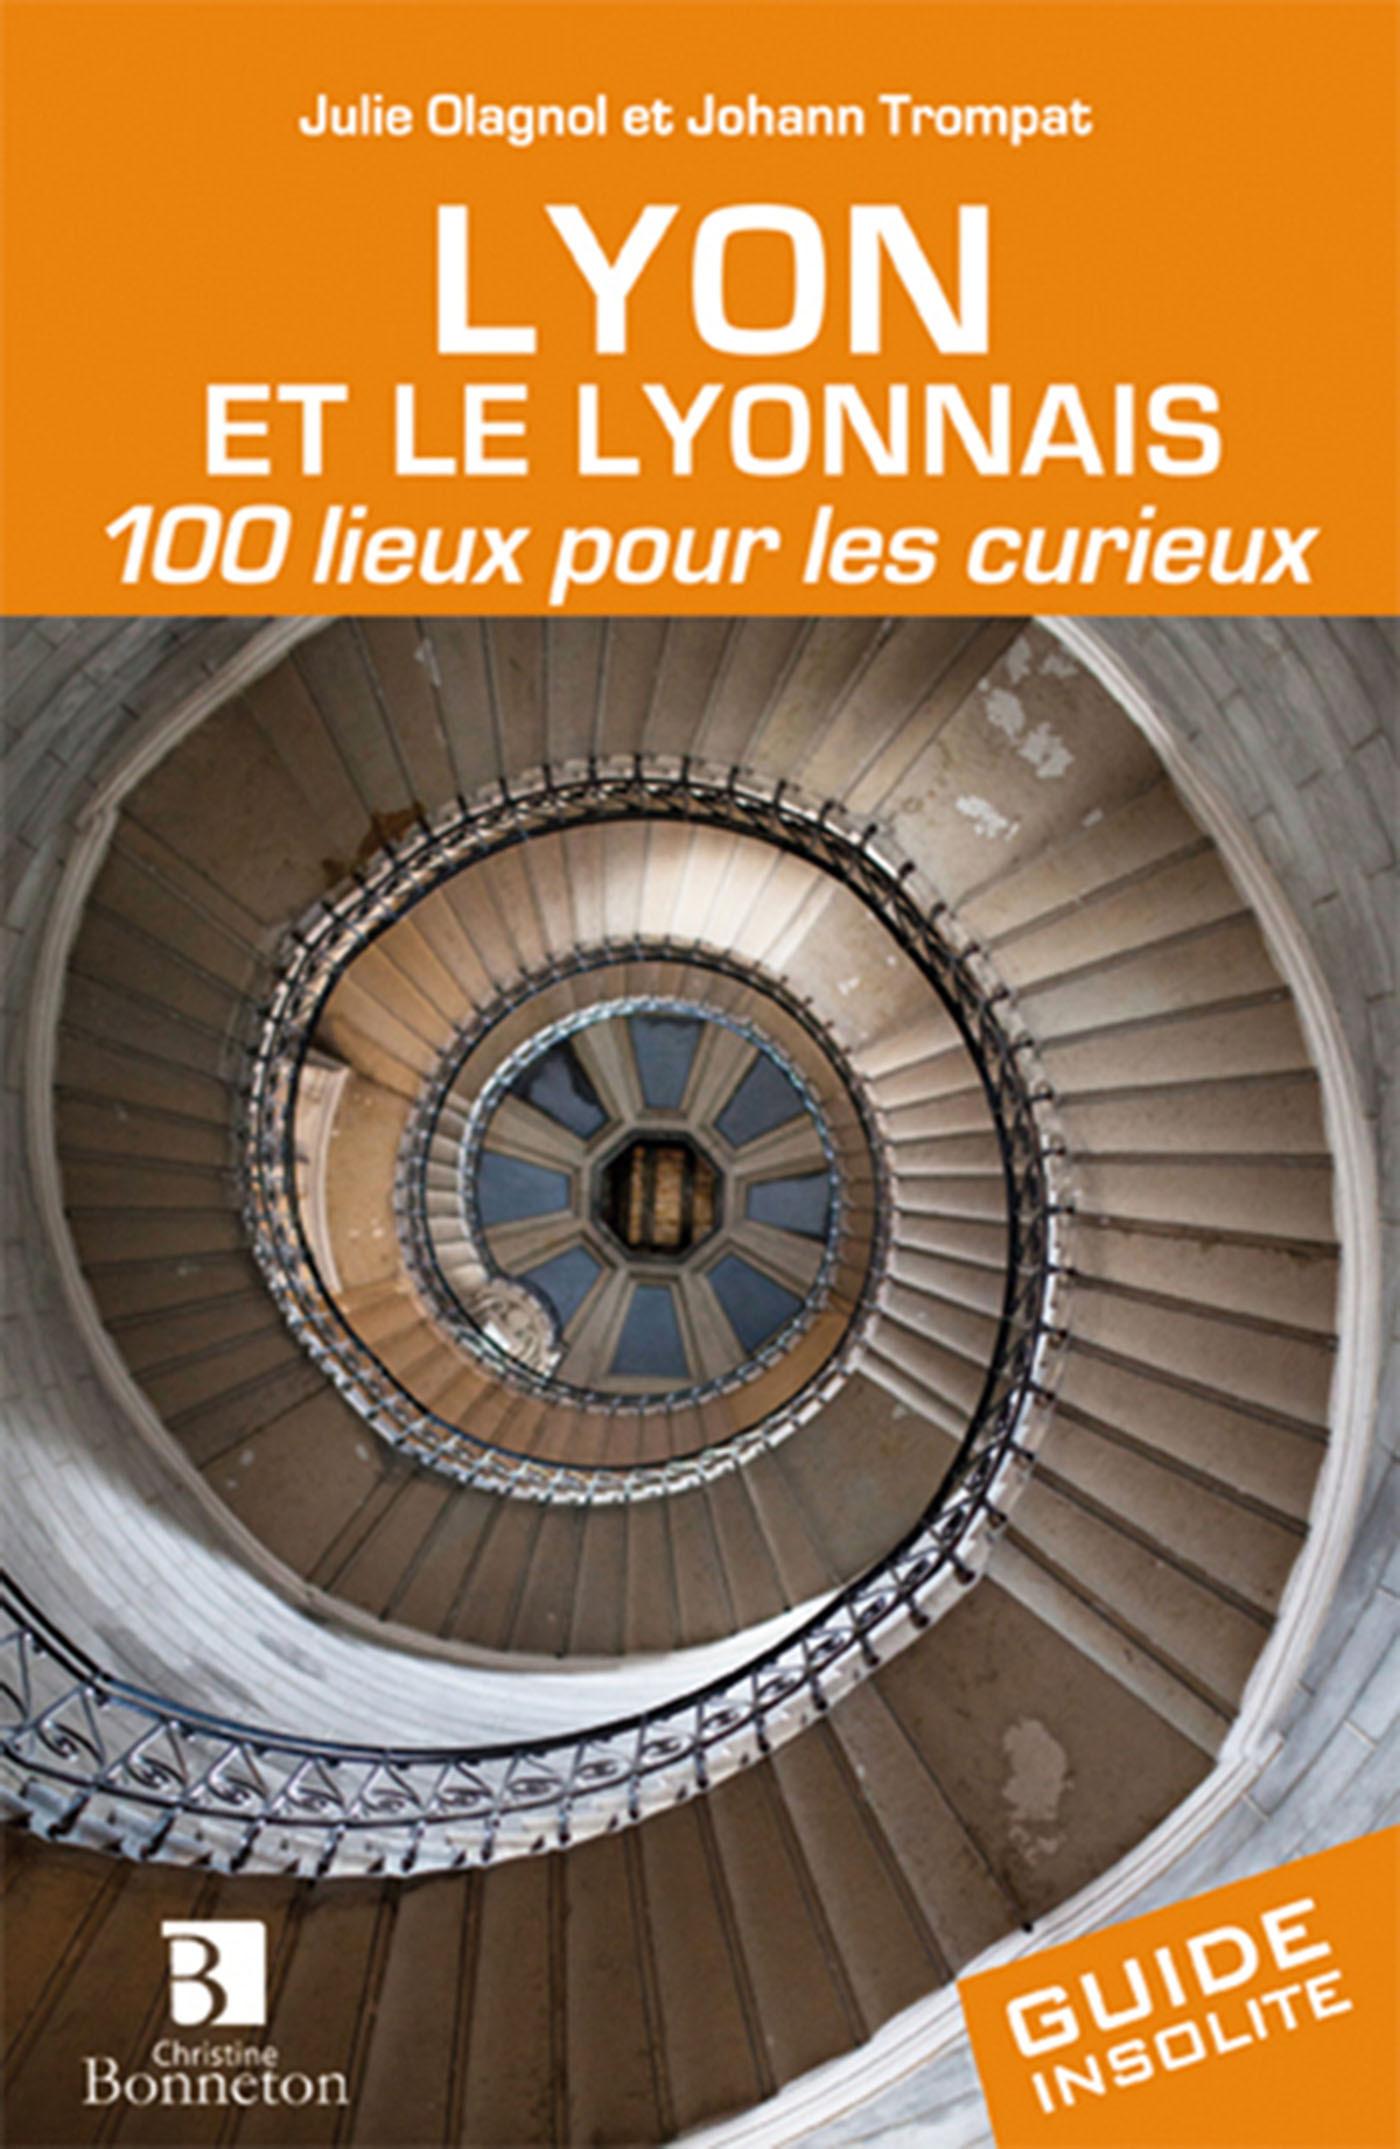 LYON ET LE LYONNAIS 100 LIEUX POUR LES CURIEUX